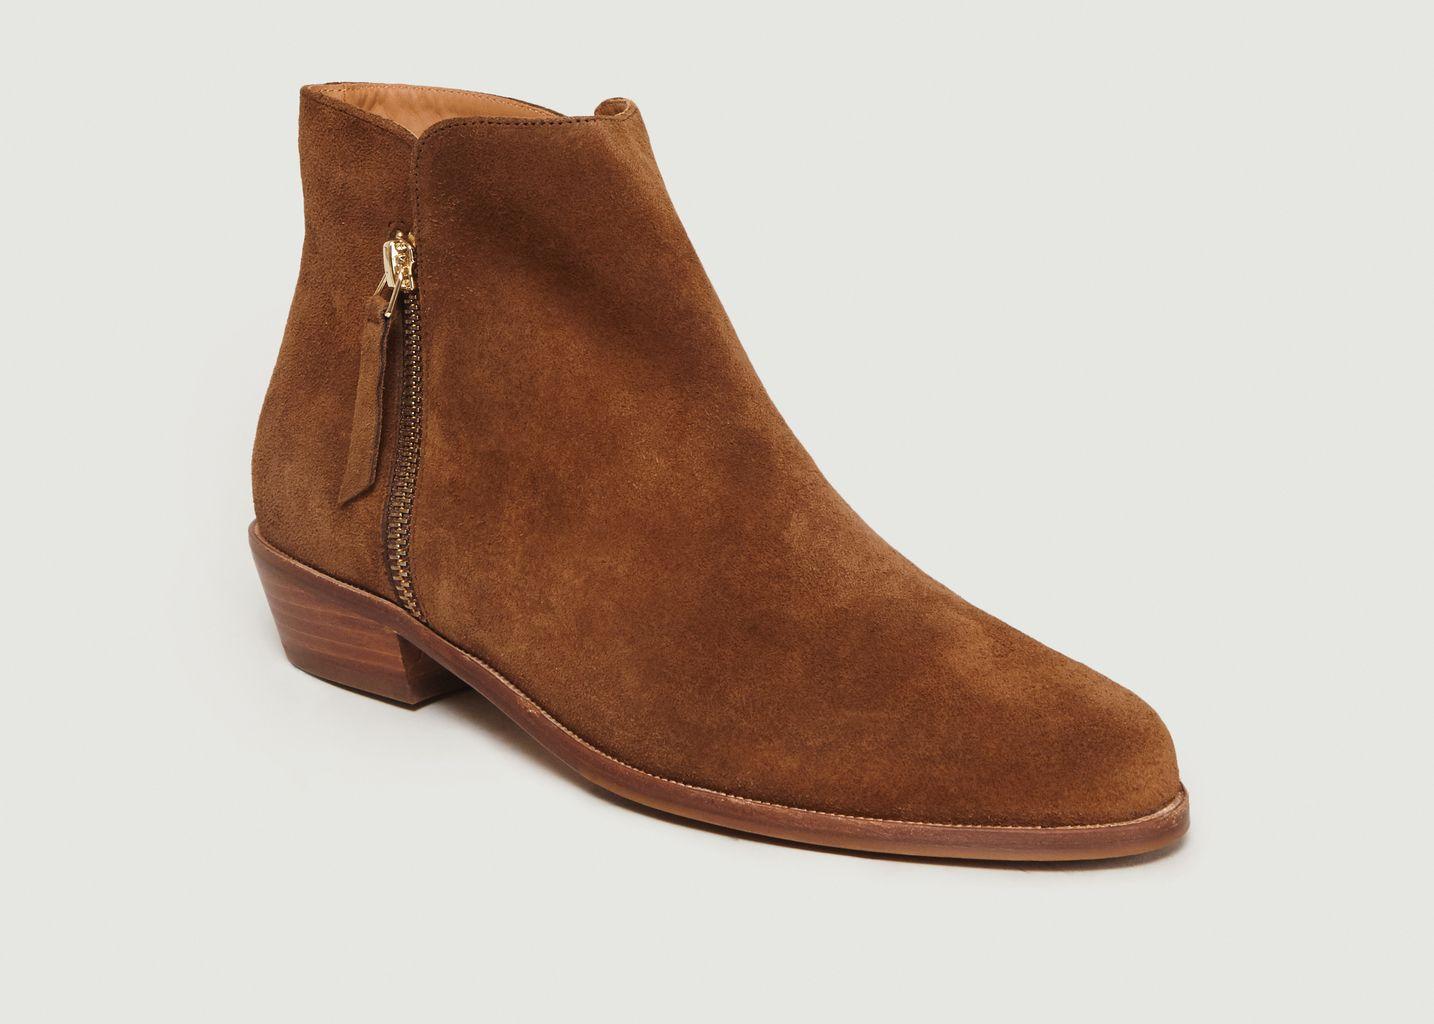 dee837526 La Tulipe Suede Boots Havana Bobbies